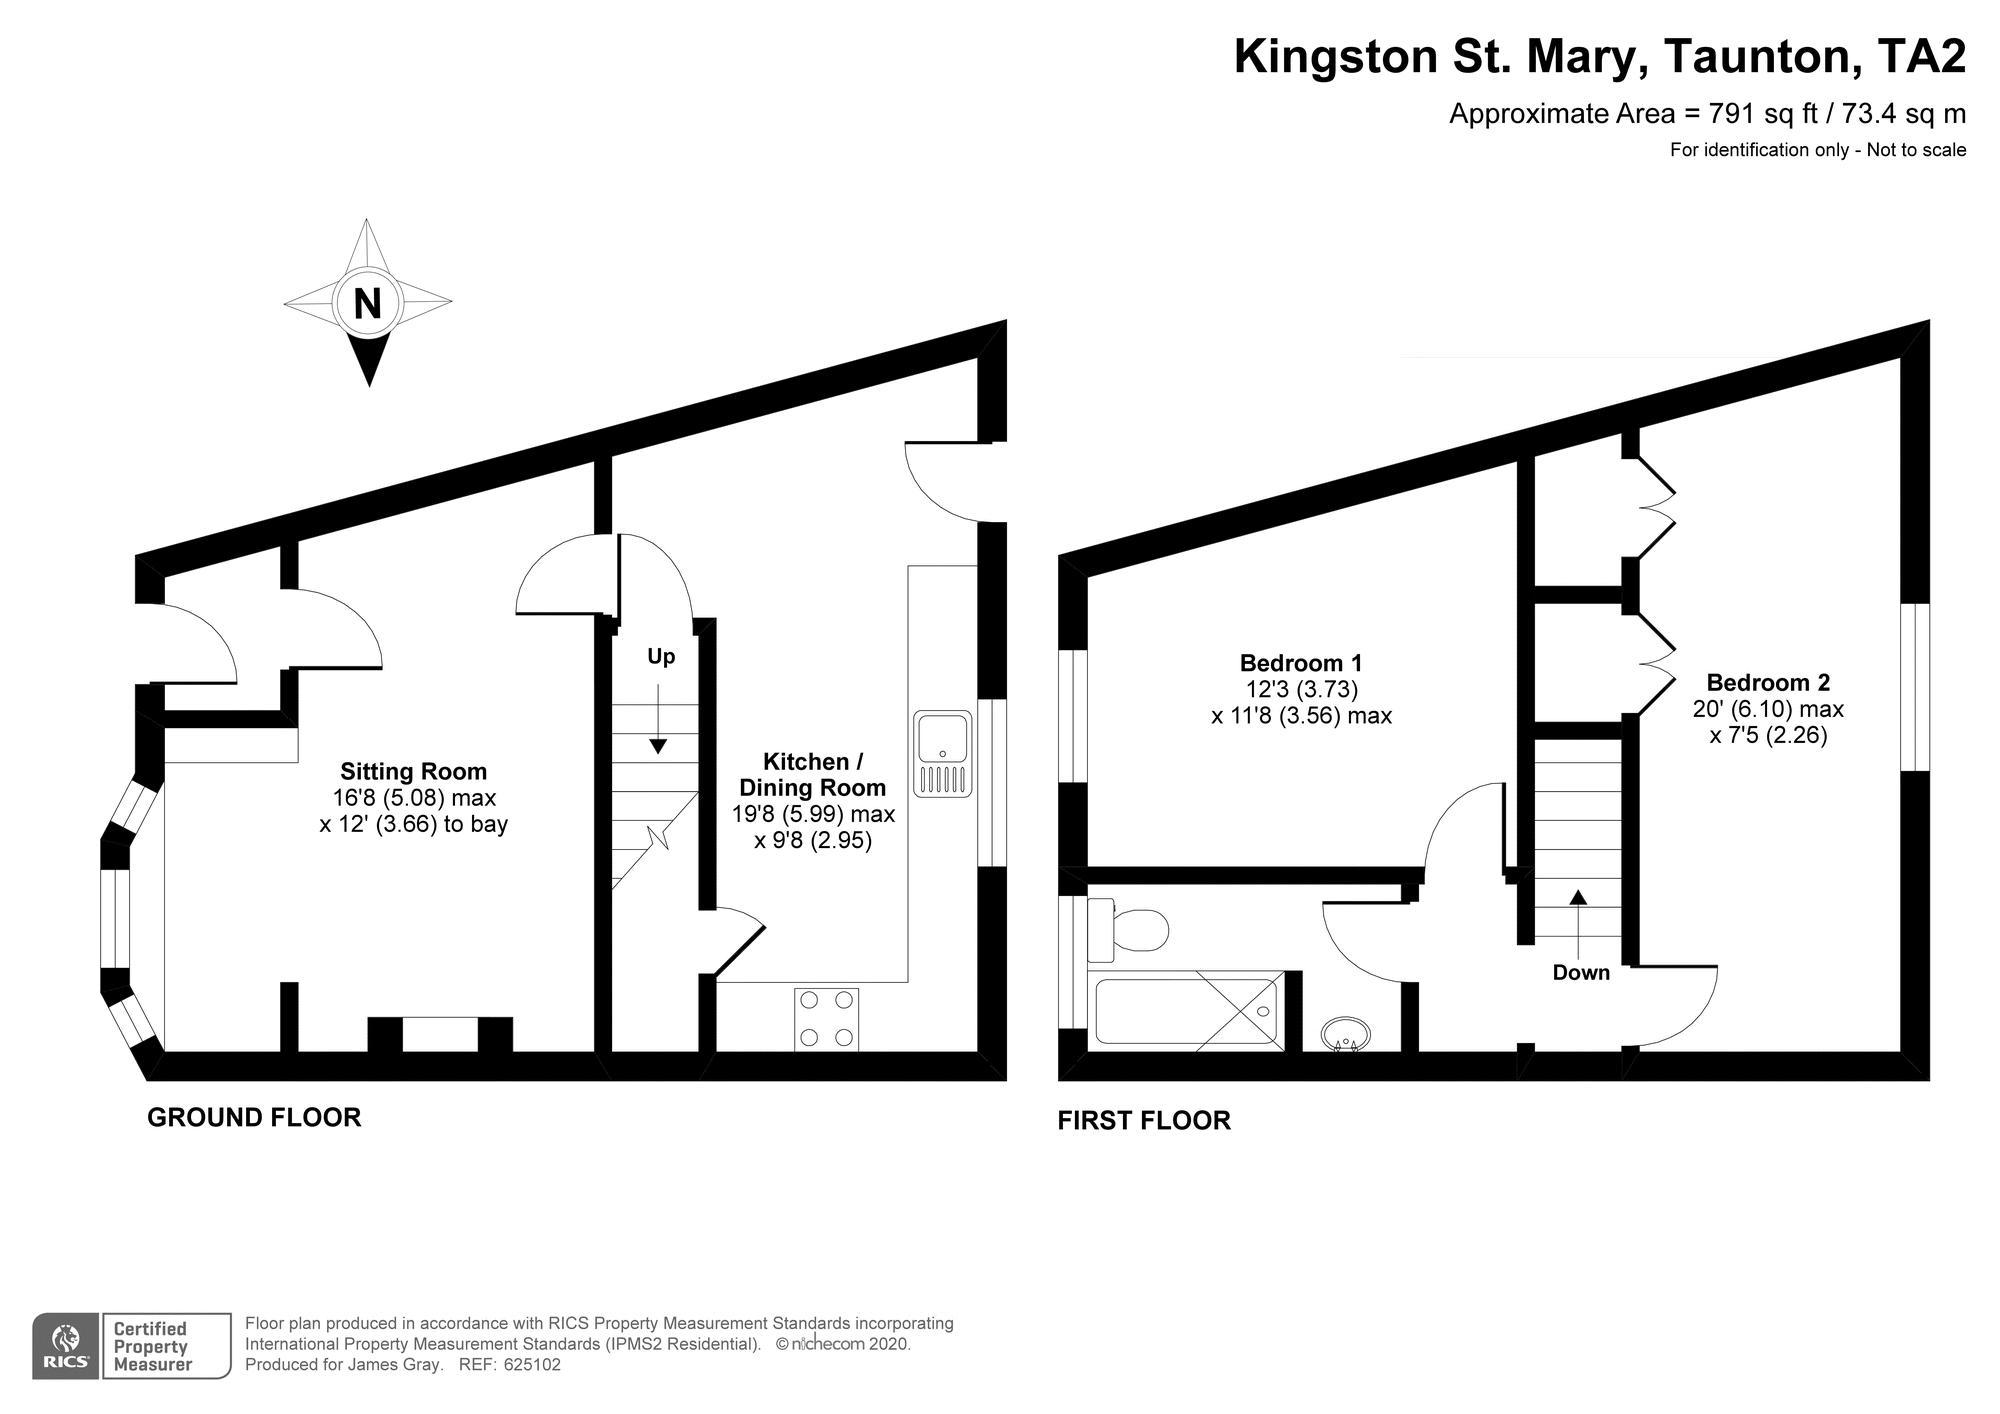 Kingston St. Mary